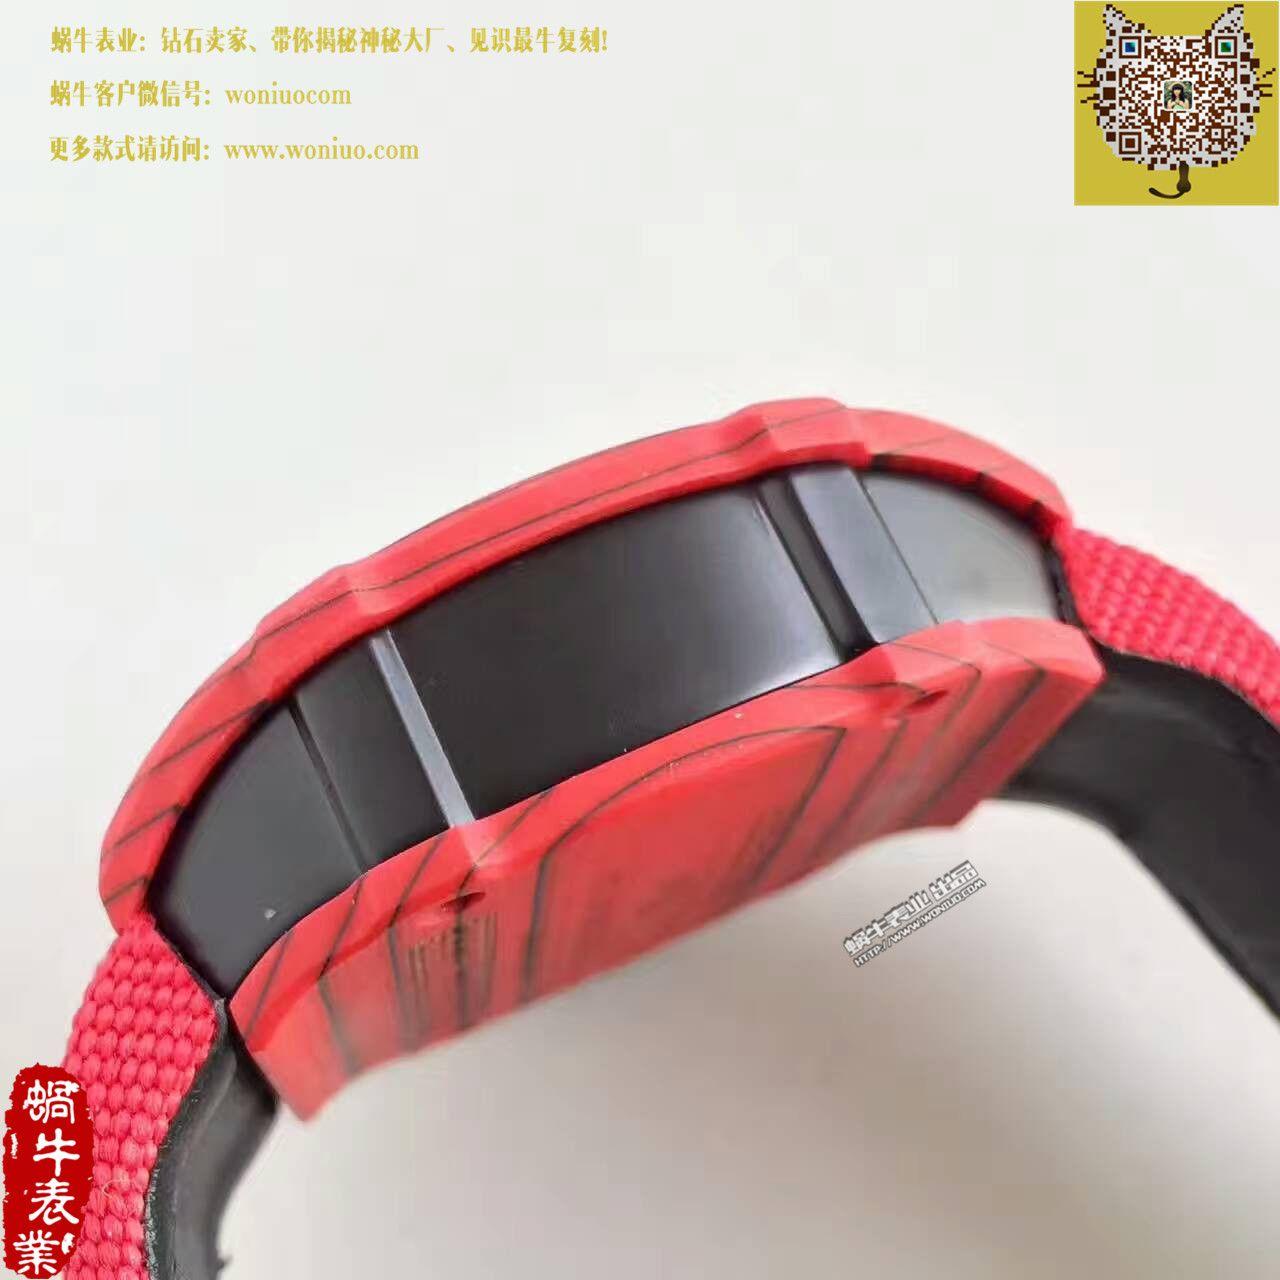 【RM厂一比一超A高仿手表】理查德·米勒(腕表型号:RM27-02)NTPT多彩表壳腕表 / RM27-02